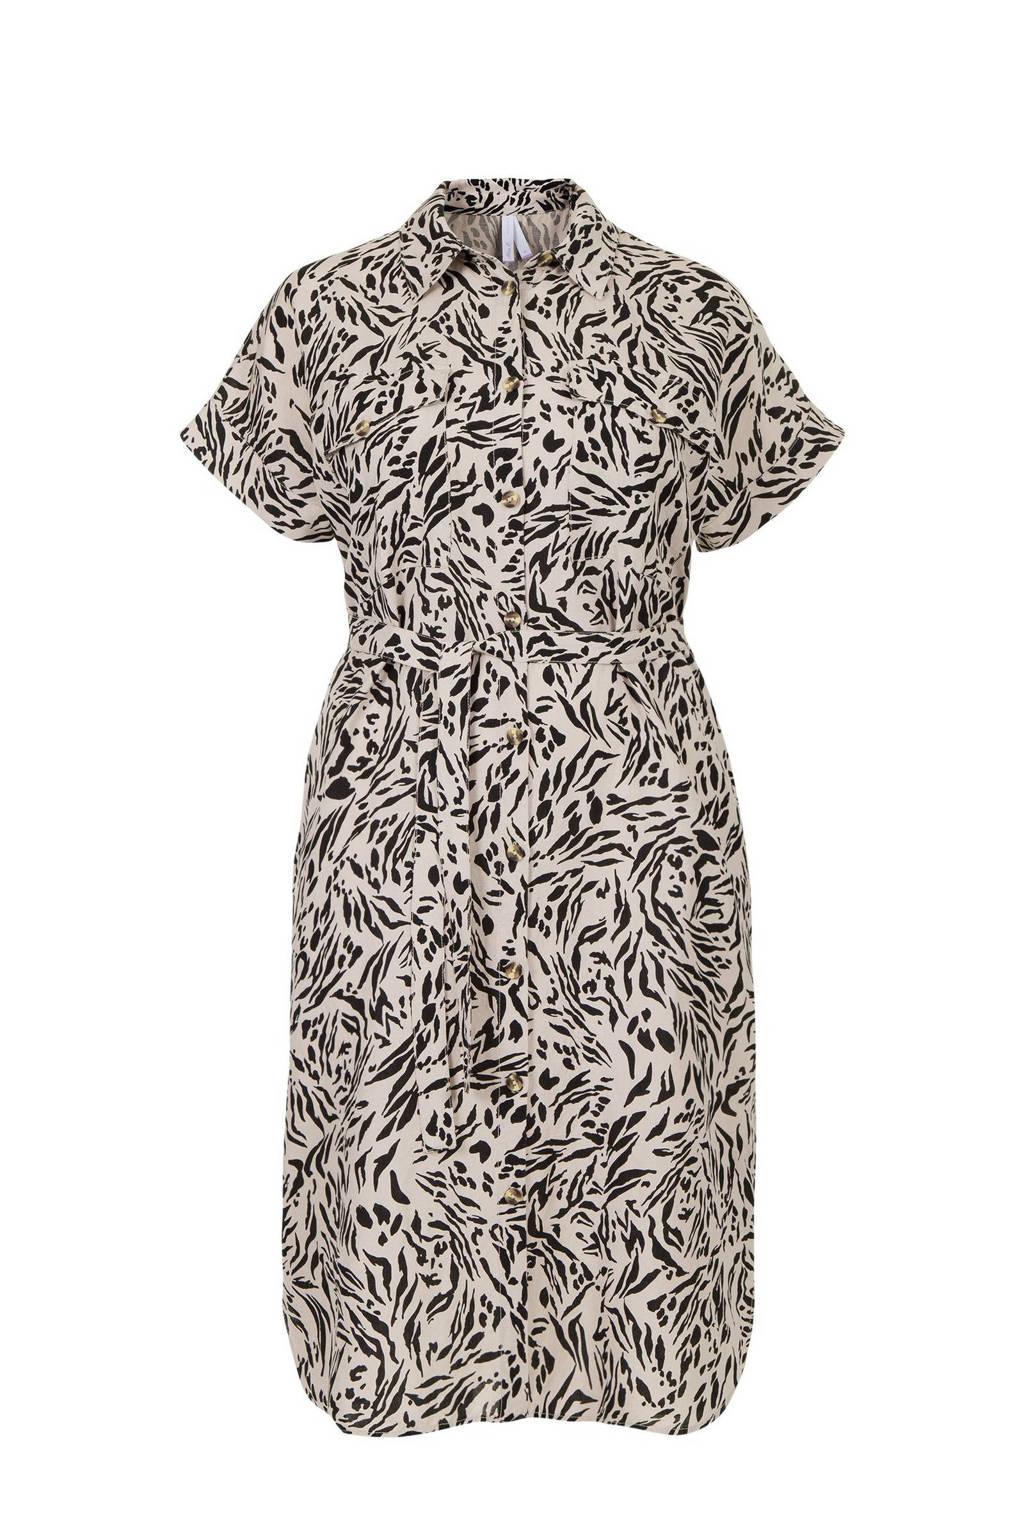 Miss Etam Plus blousejurk met linnen en all over print zand/zwart, Zand/zwart